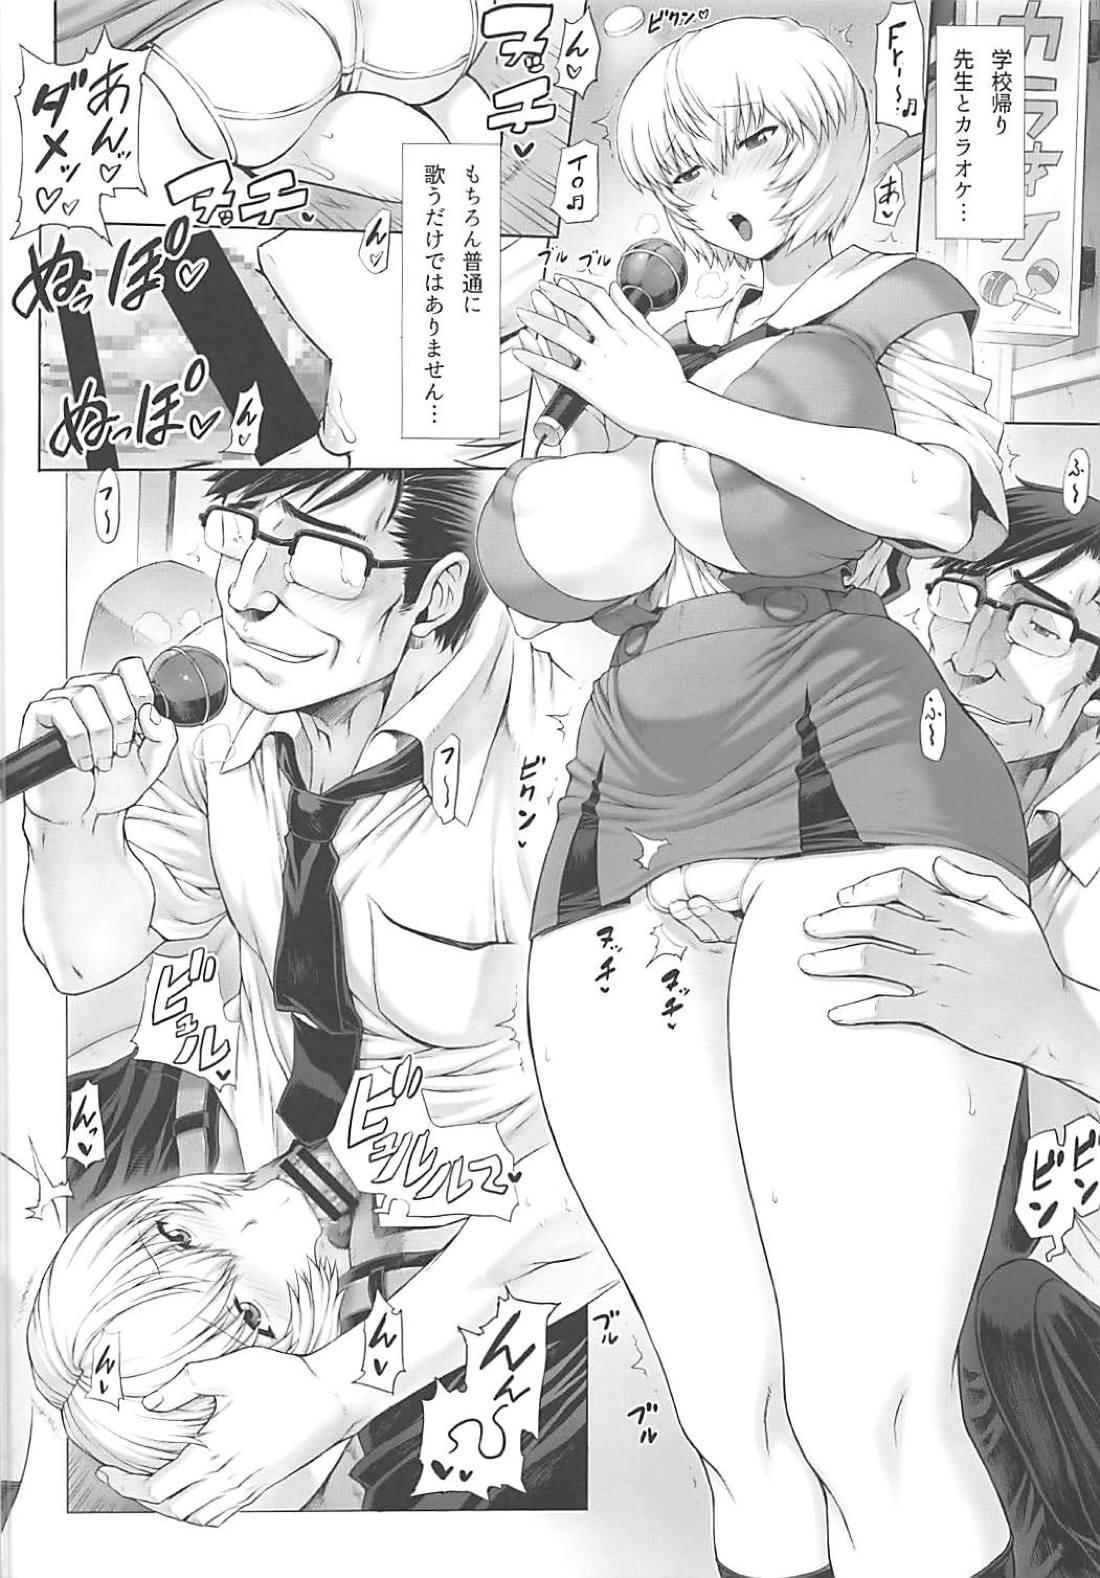 Ayanami Dai 9-kai Ayanami Nikki 8